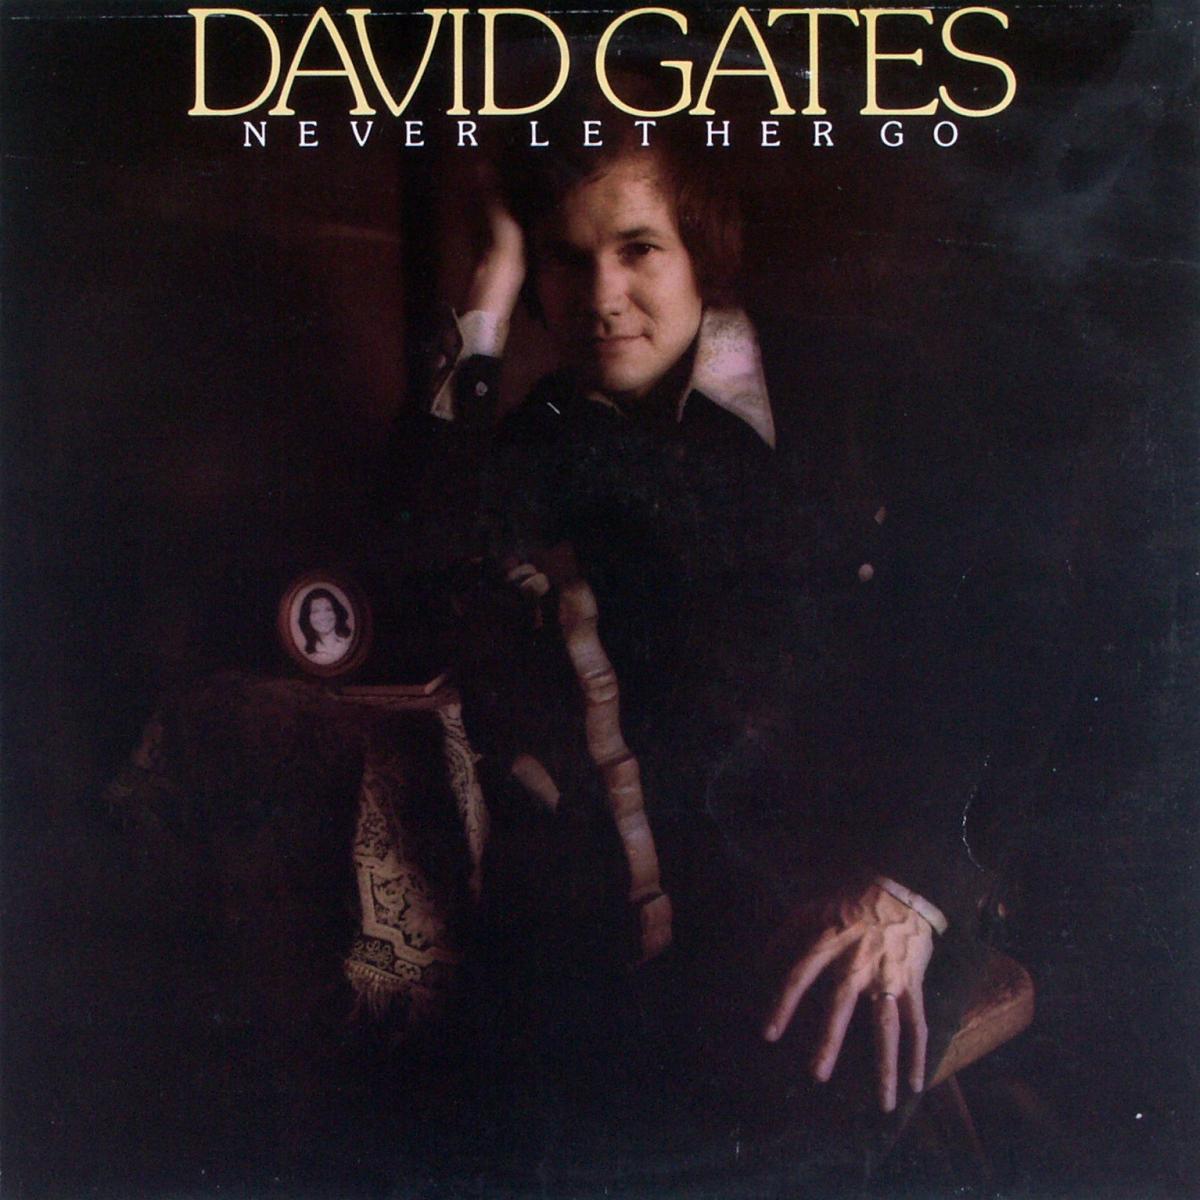 Gates, David - Never Let Her Go [LP]